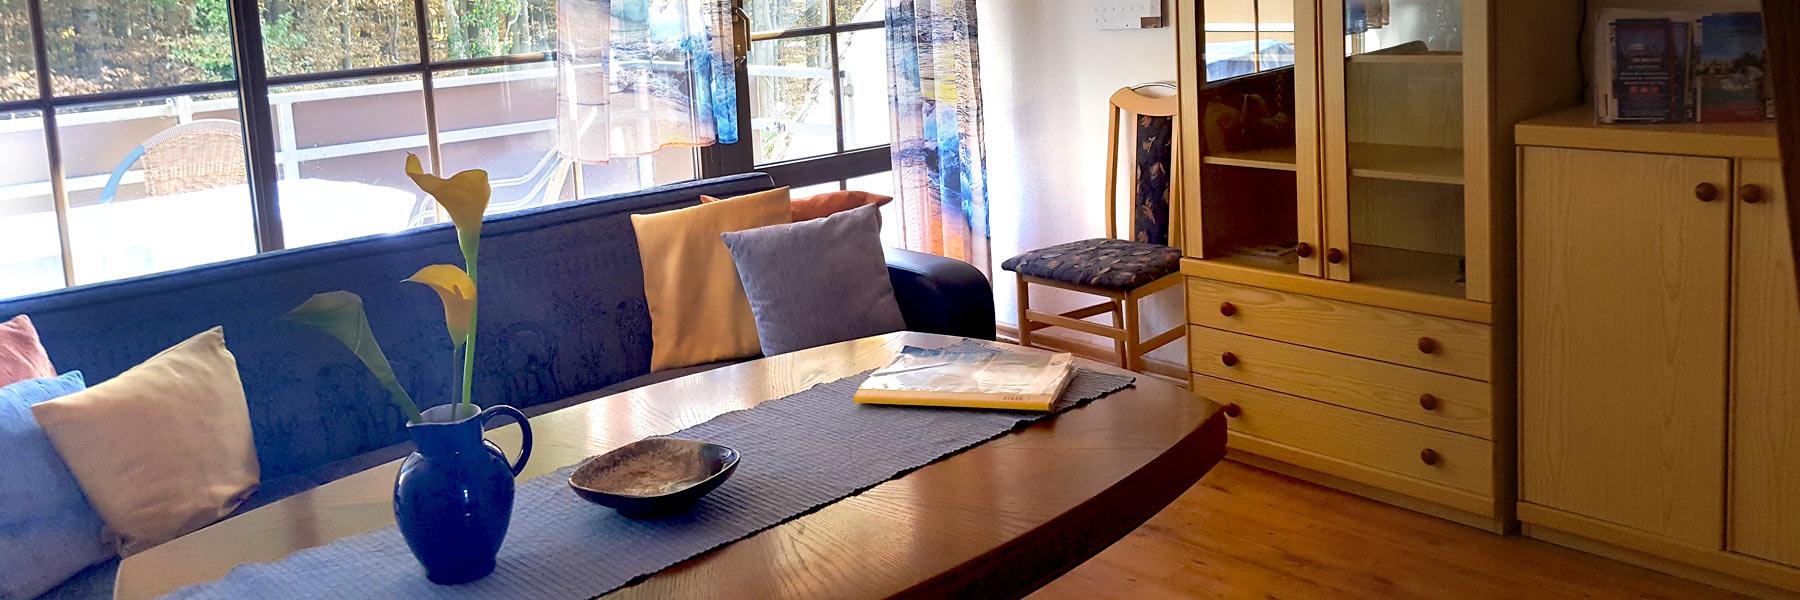 Fewo1-Wohnzimmer - Ferienwohnungen Elise Boß